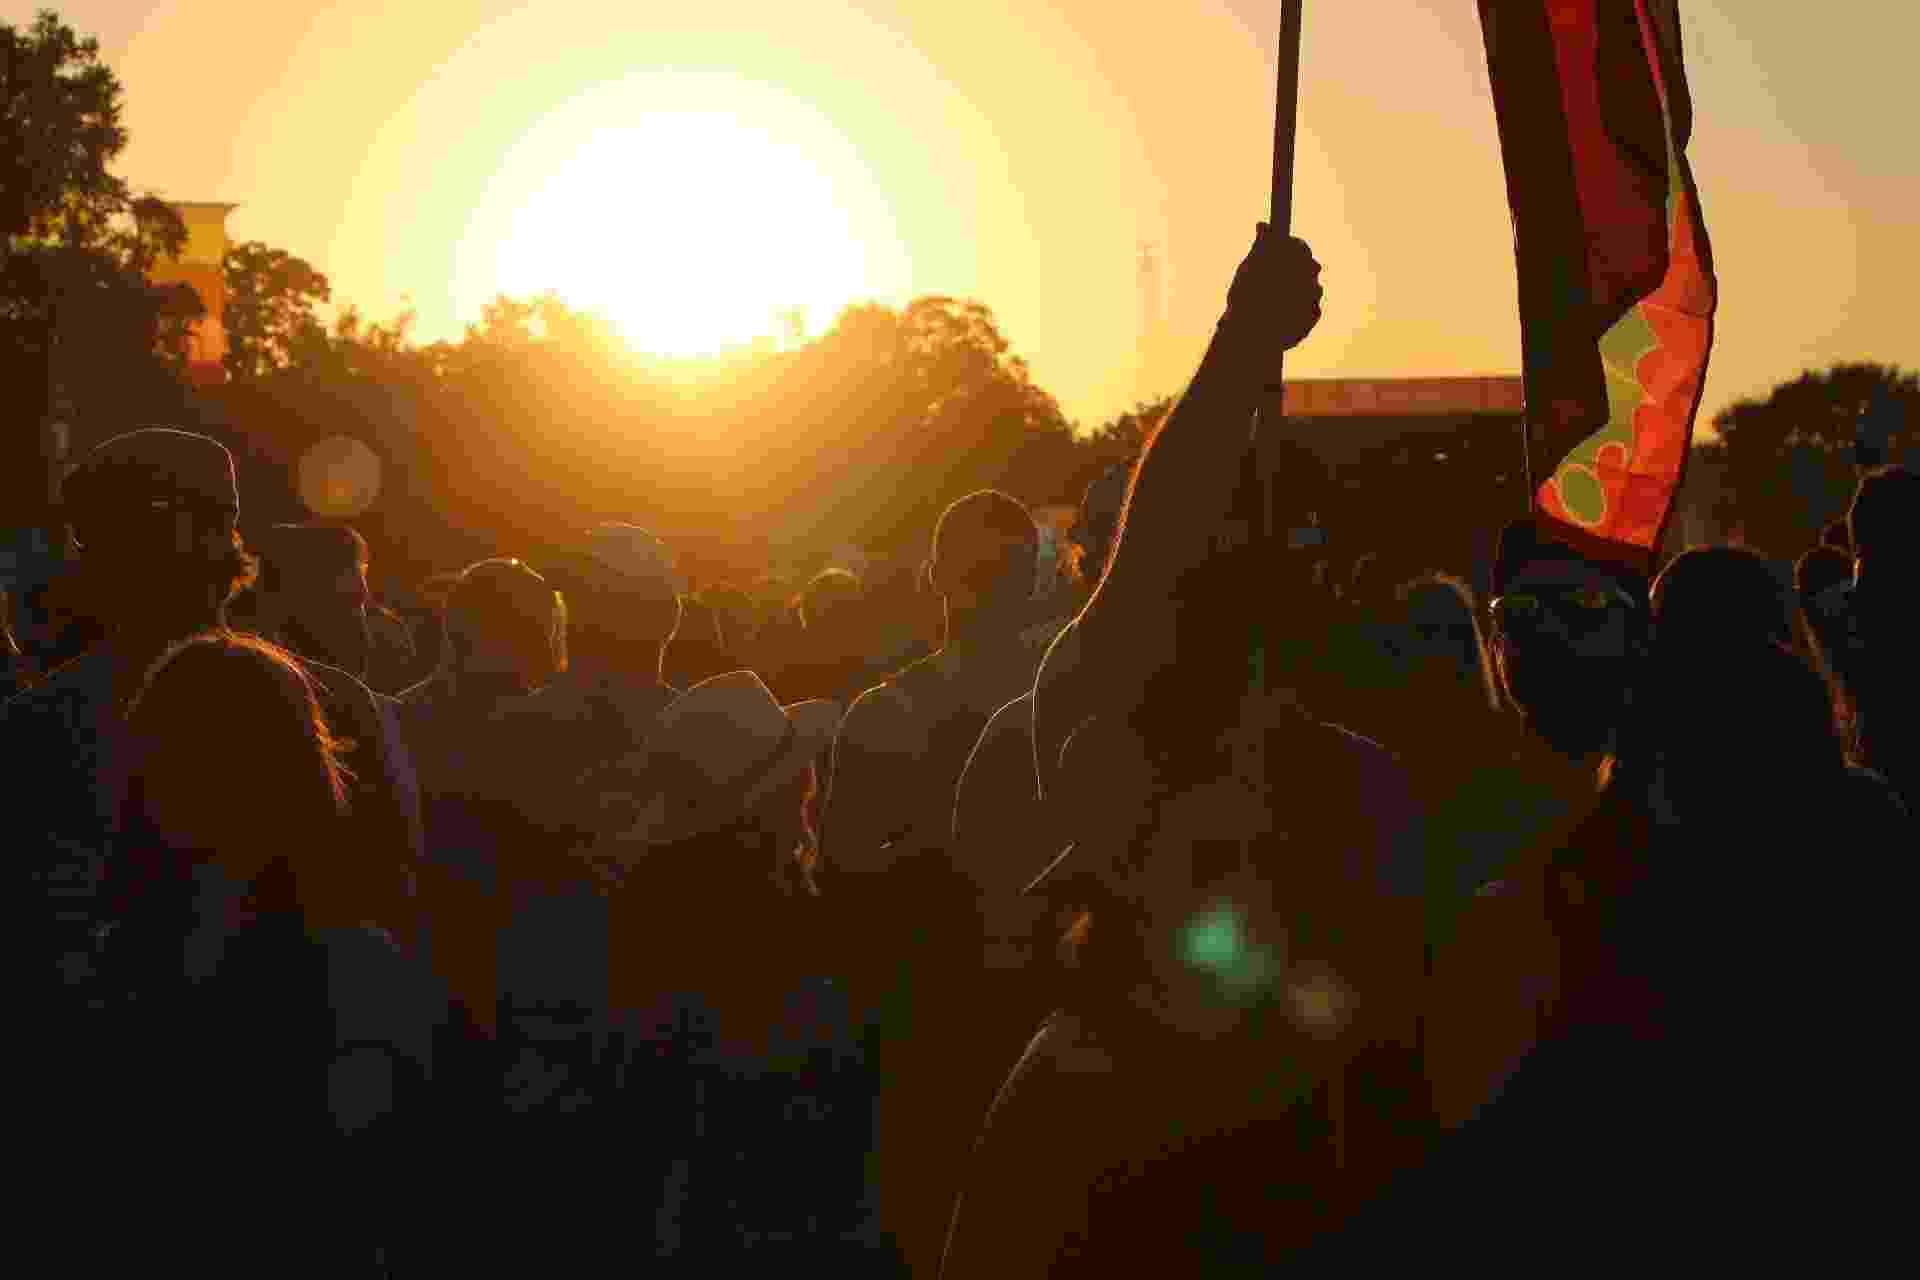 Público aproveita o Festival Austin City Limits, que ocorre no Zilker Park, em Austin, Texas - Felipe Branco Cruz/UOL